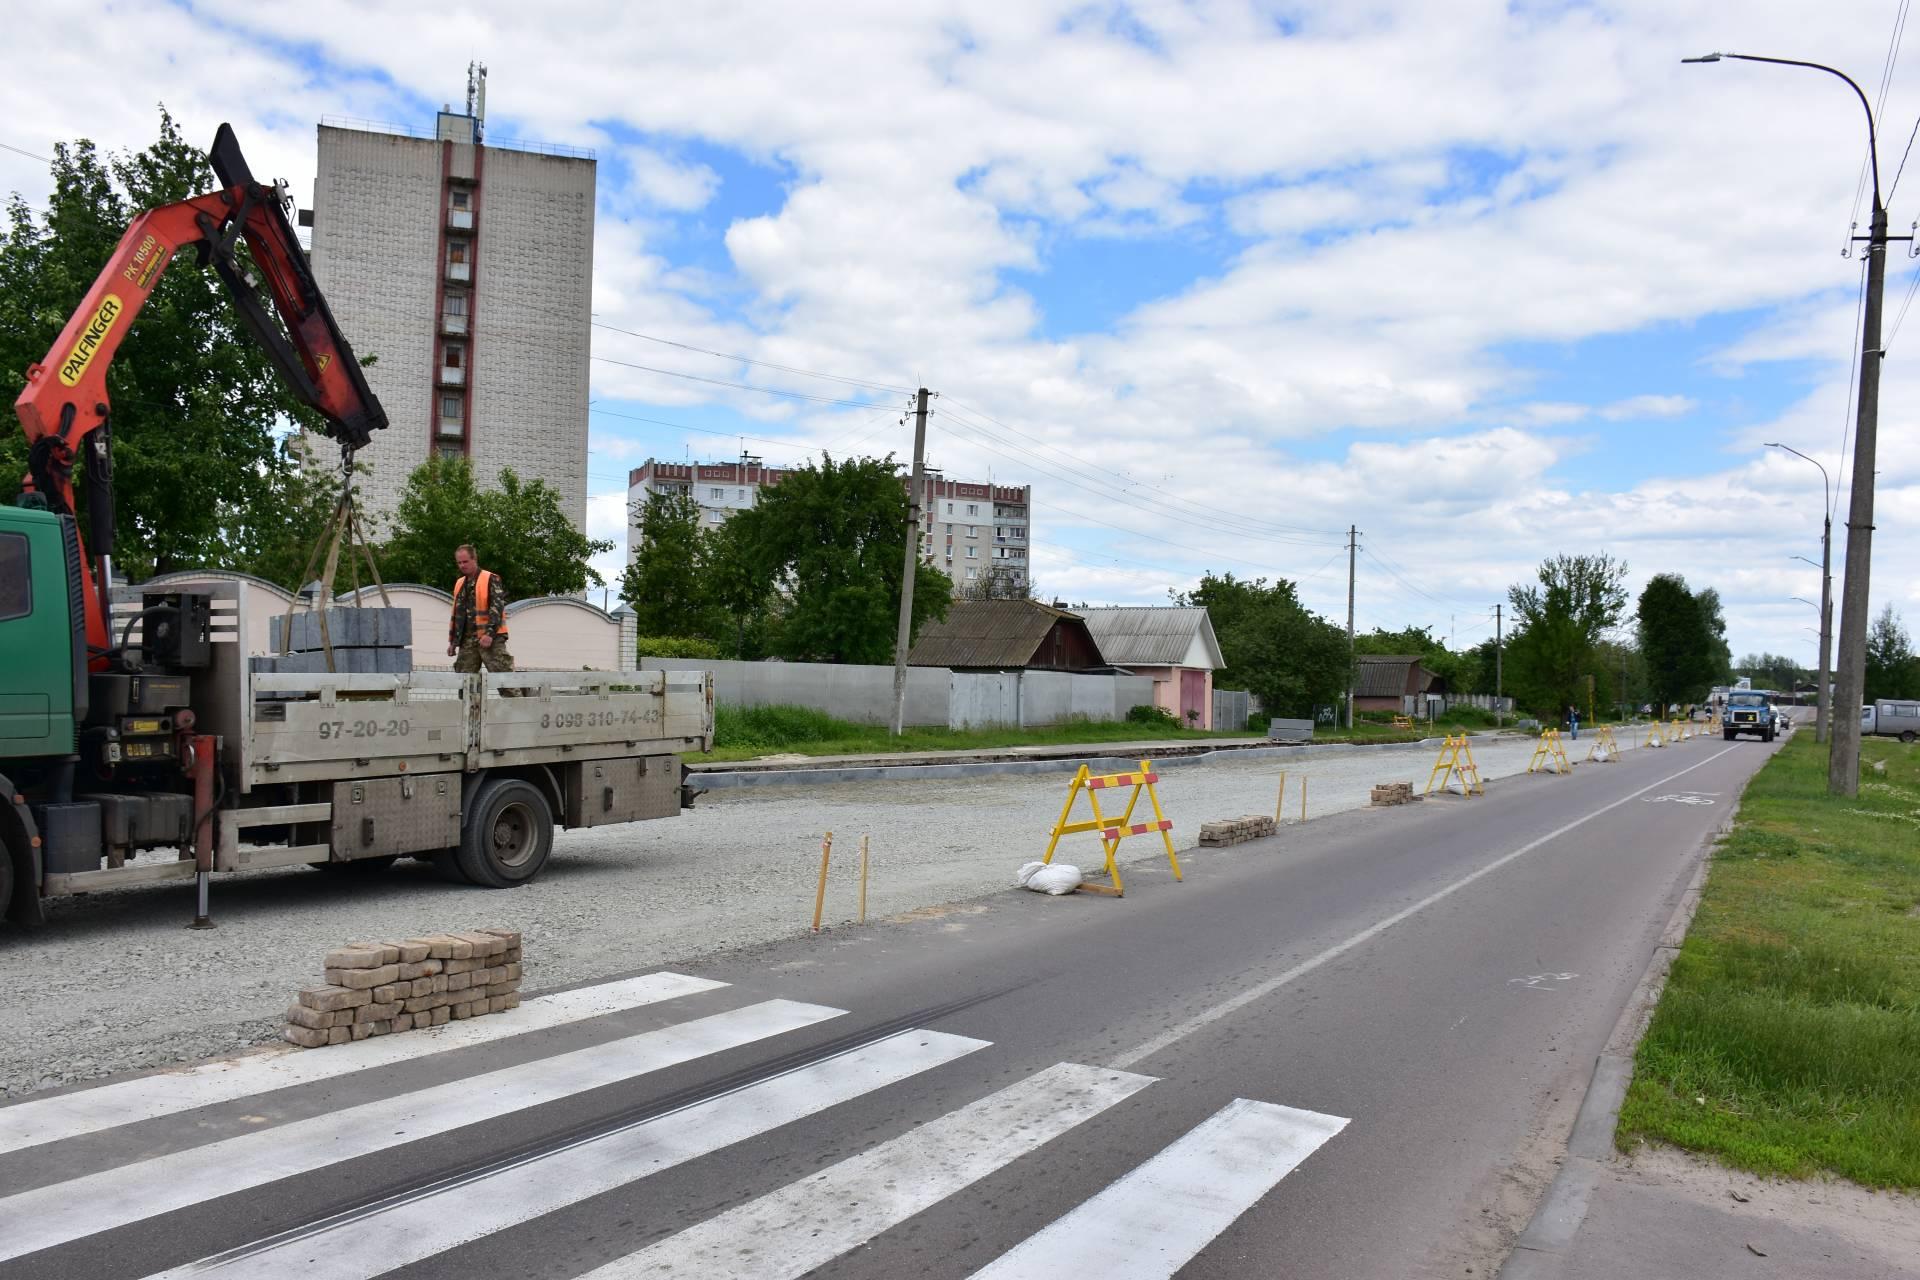 Триває реконструкція перехрестя вулиць Шевченка і Малиновського з облаштуванням кругового руху (Фото)